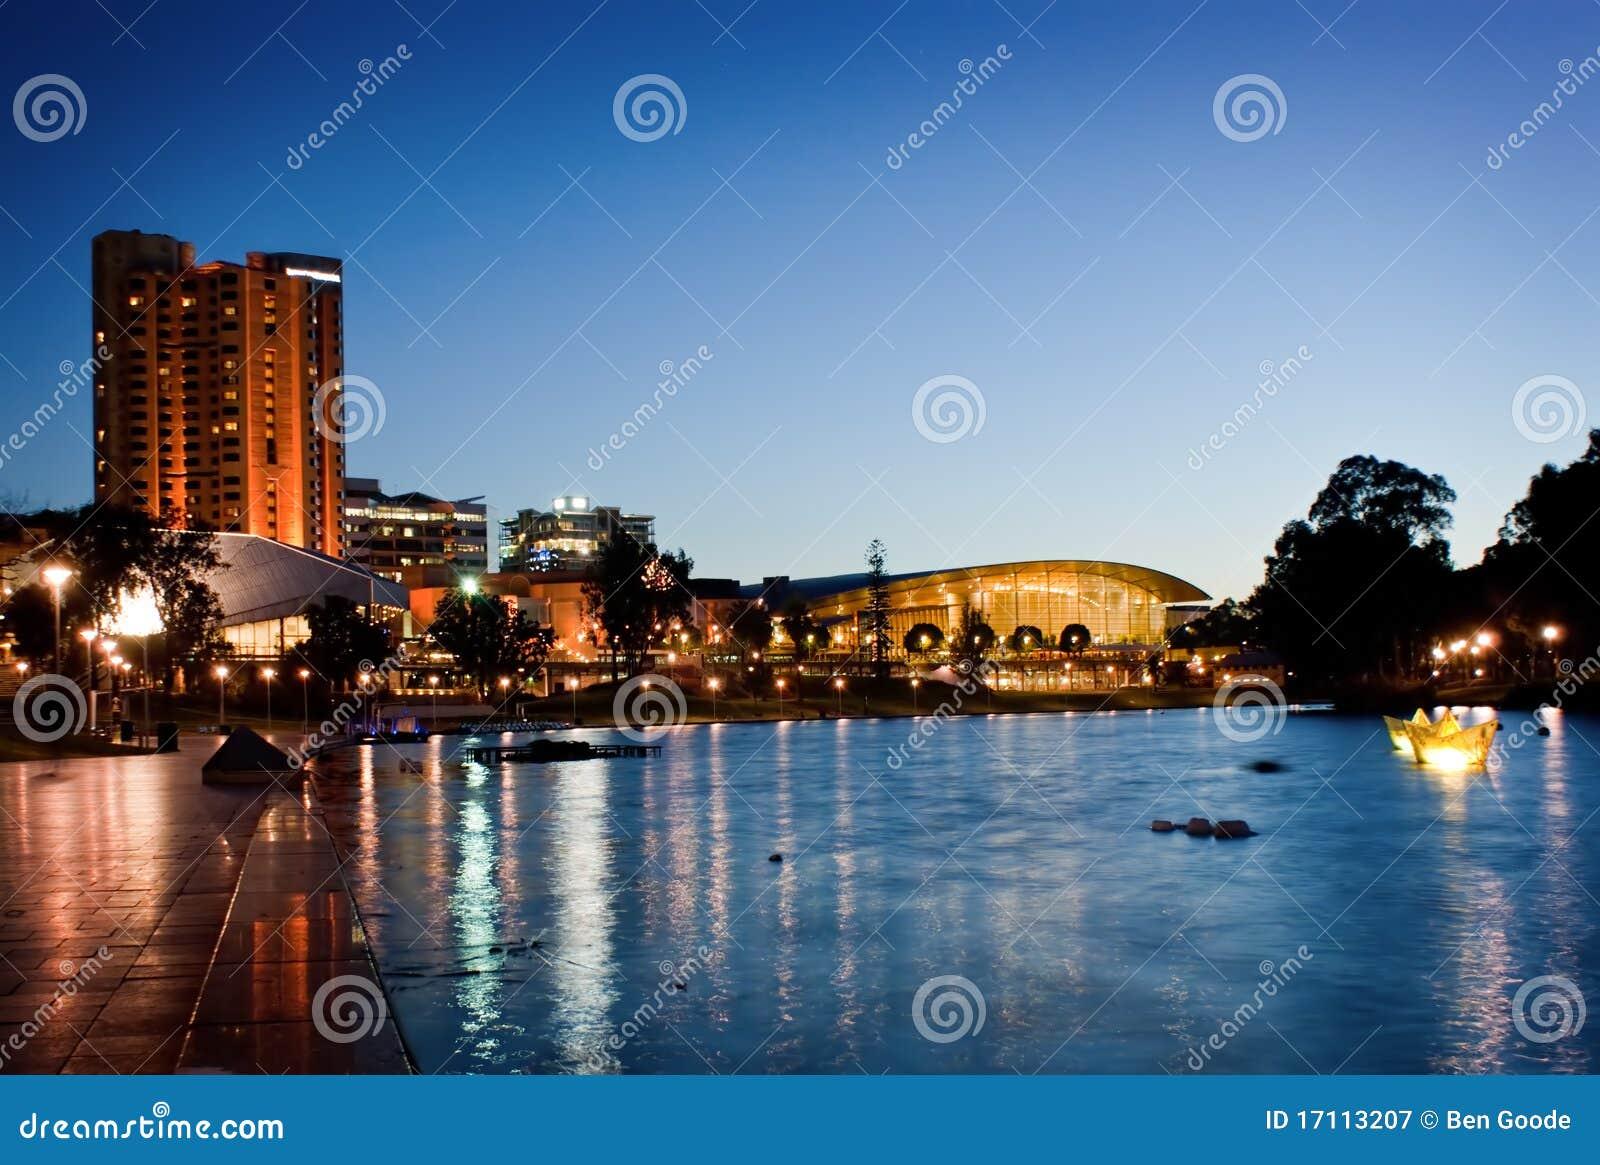 Urban plan Adelaide Australia PDF 13